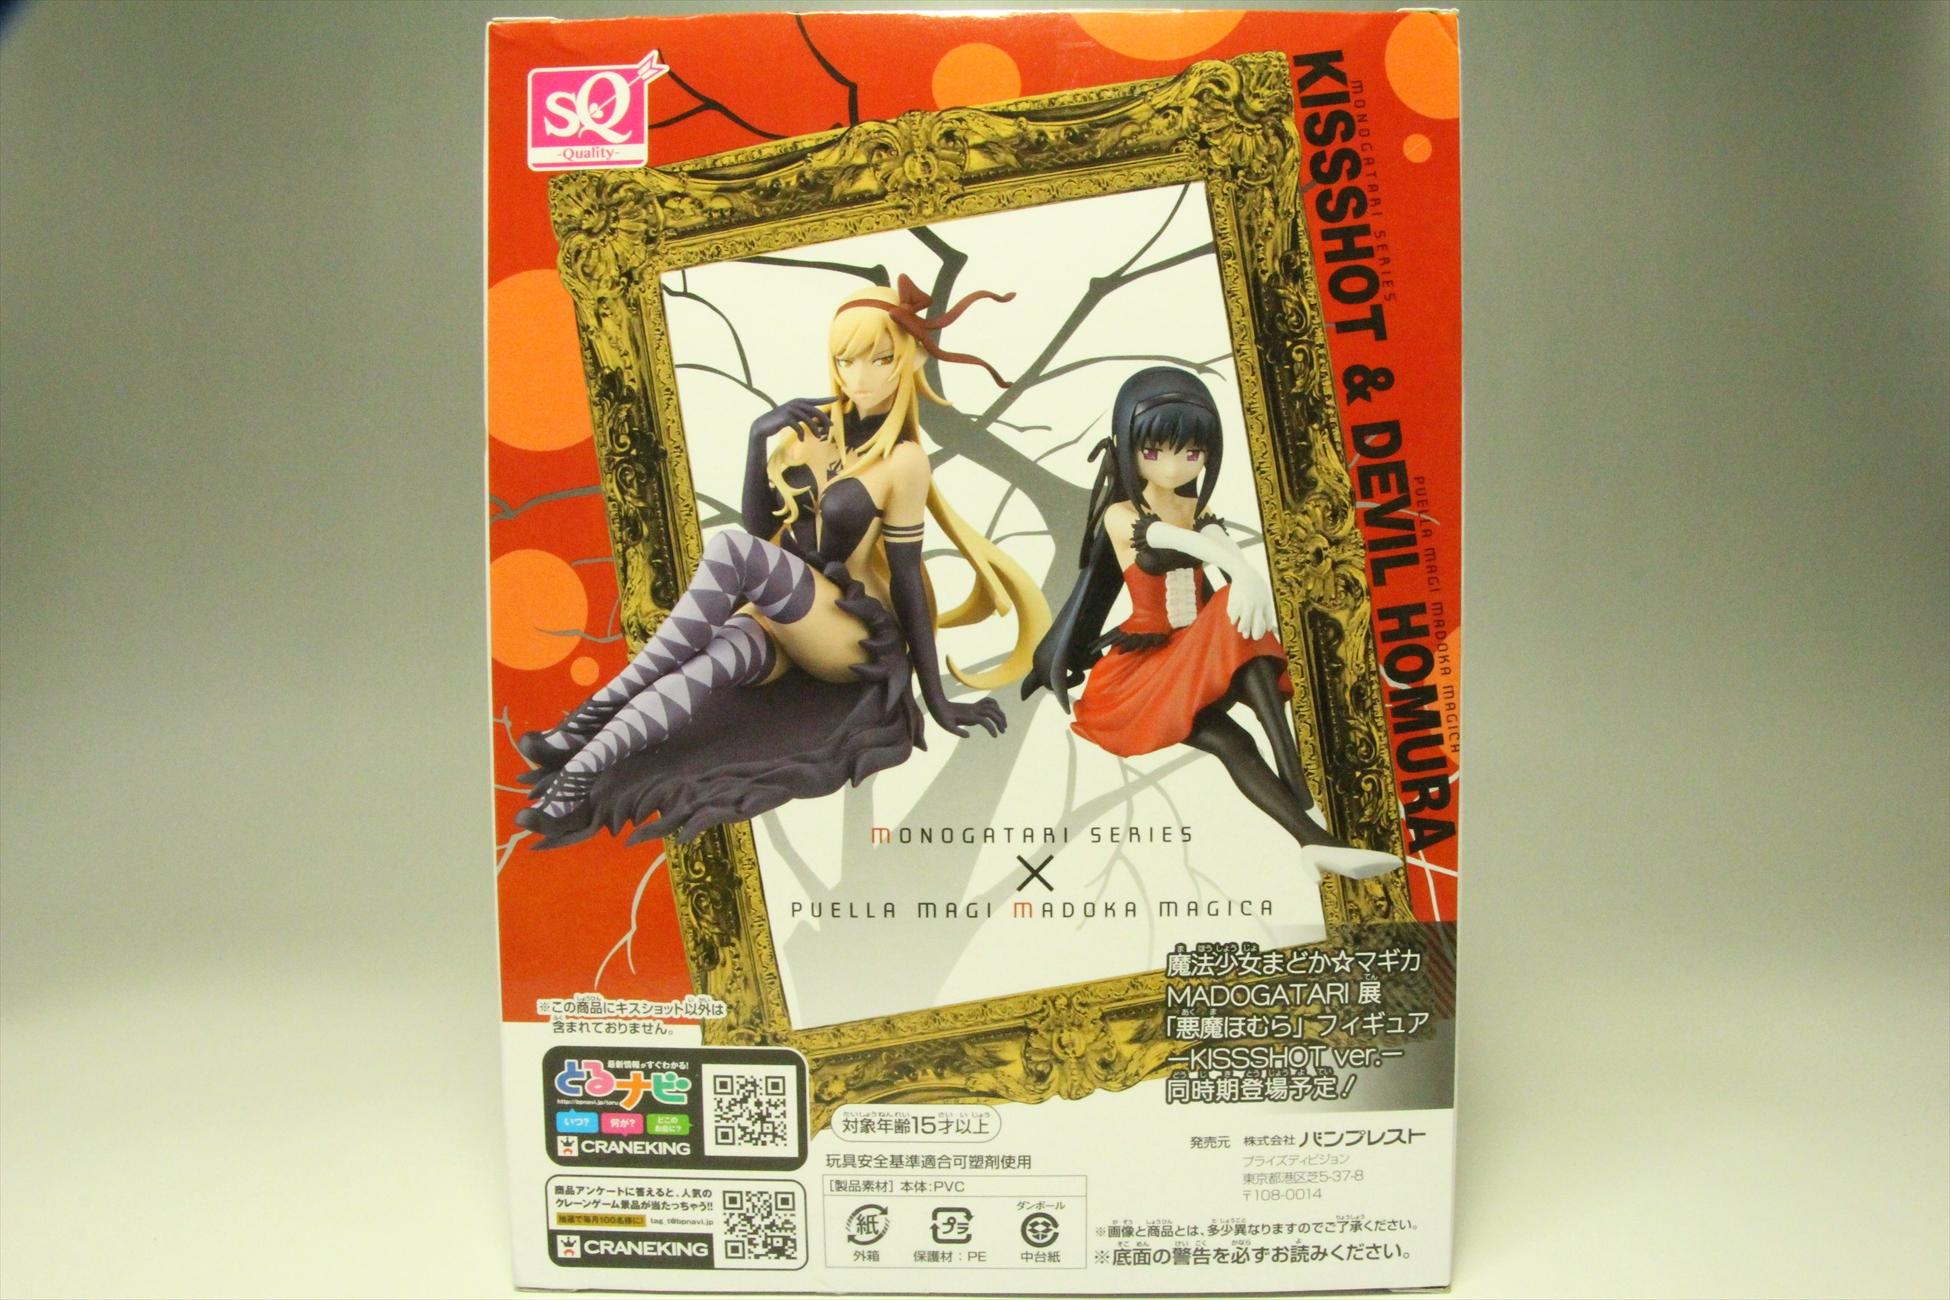 Monogatari Series Madogatari Exhibition Kissshot Figure Devil Homura Pvc Kiss Shot Acerola Orion Heart Under Blade 1 8 Ver